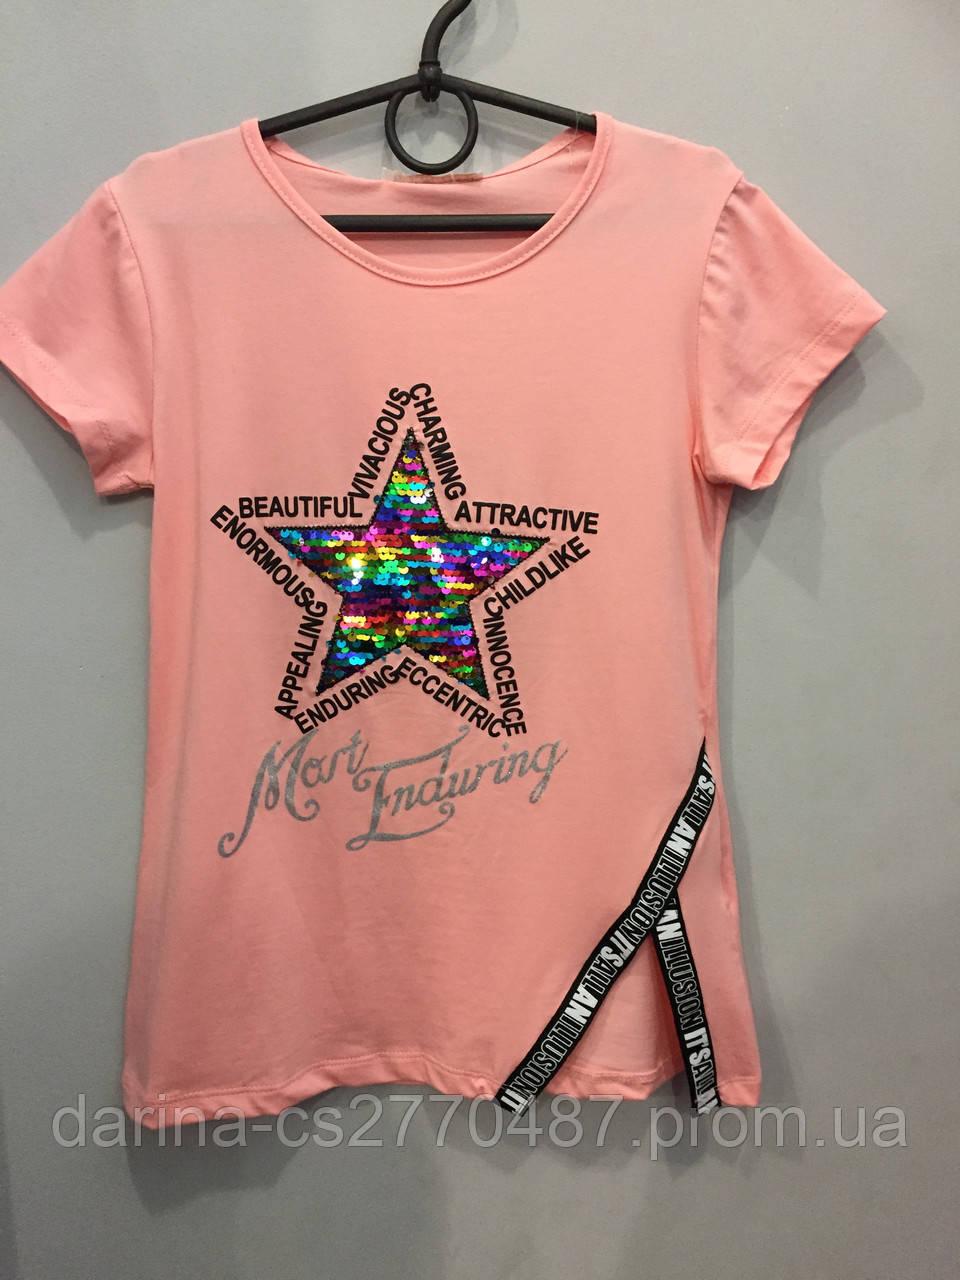 Подростковая стильная футболка для девочки 140/146,146/152 см